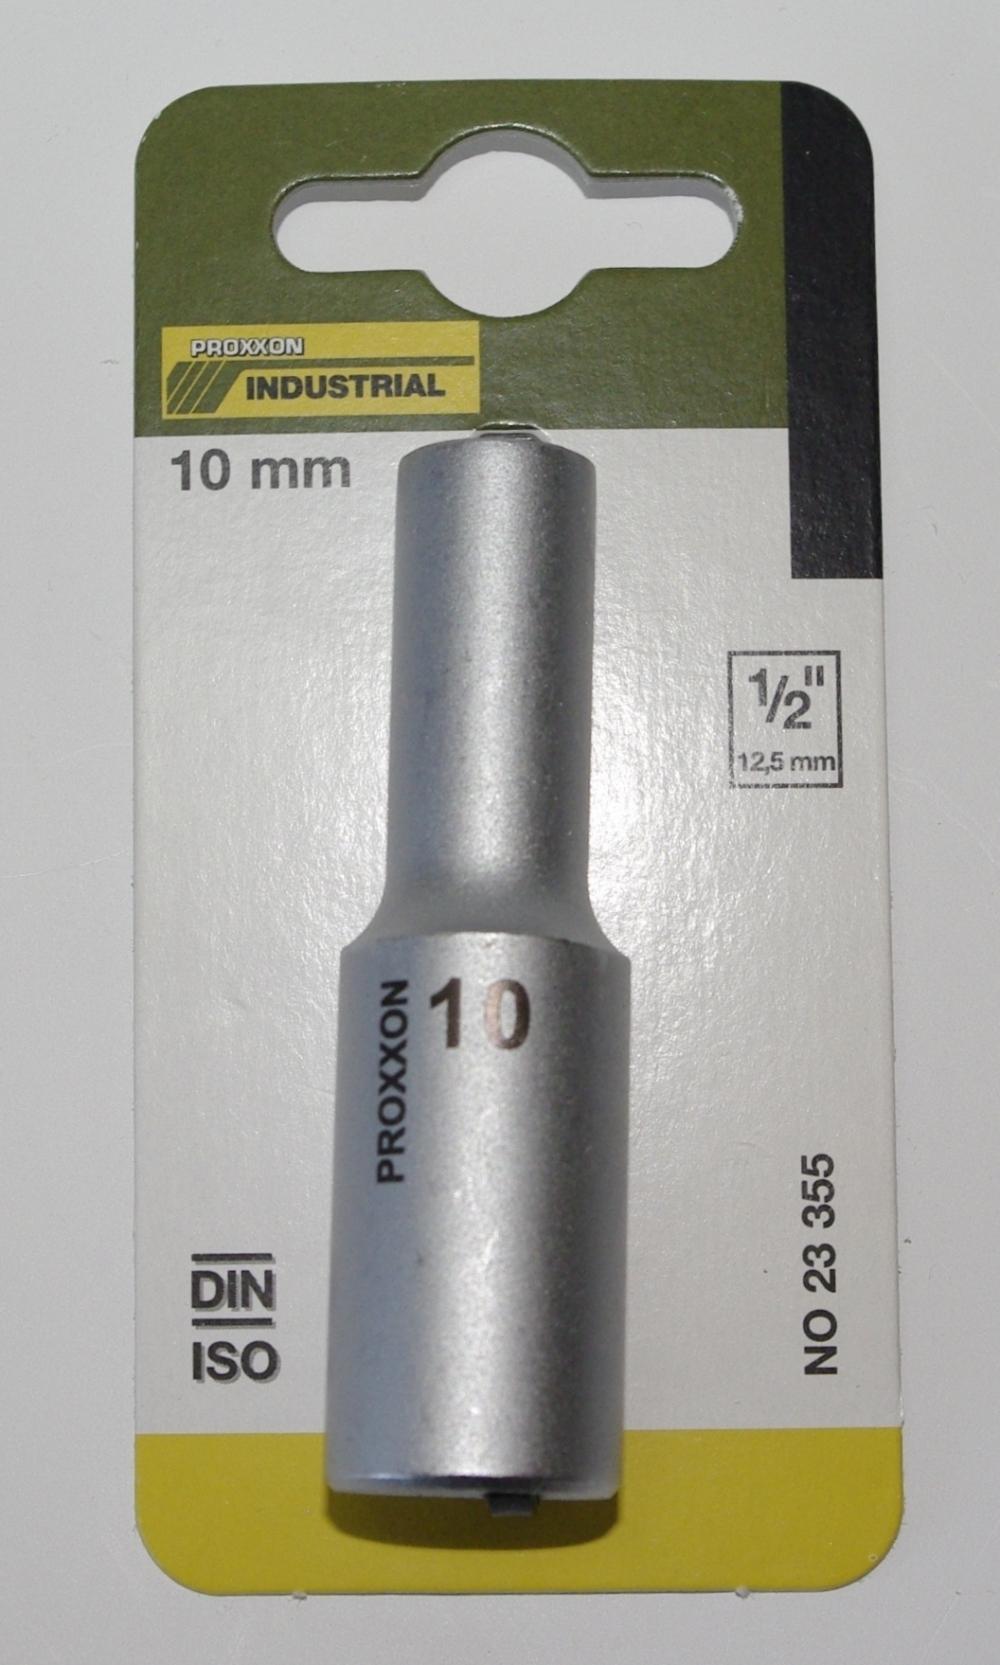 PROXXON 23355 Tiefbett Steckschlüsseleinsatz / Nuss 10mm Antrieb 12,5mm (1/2')